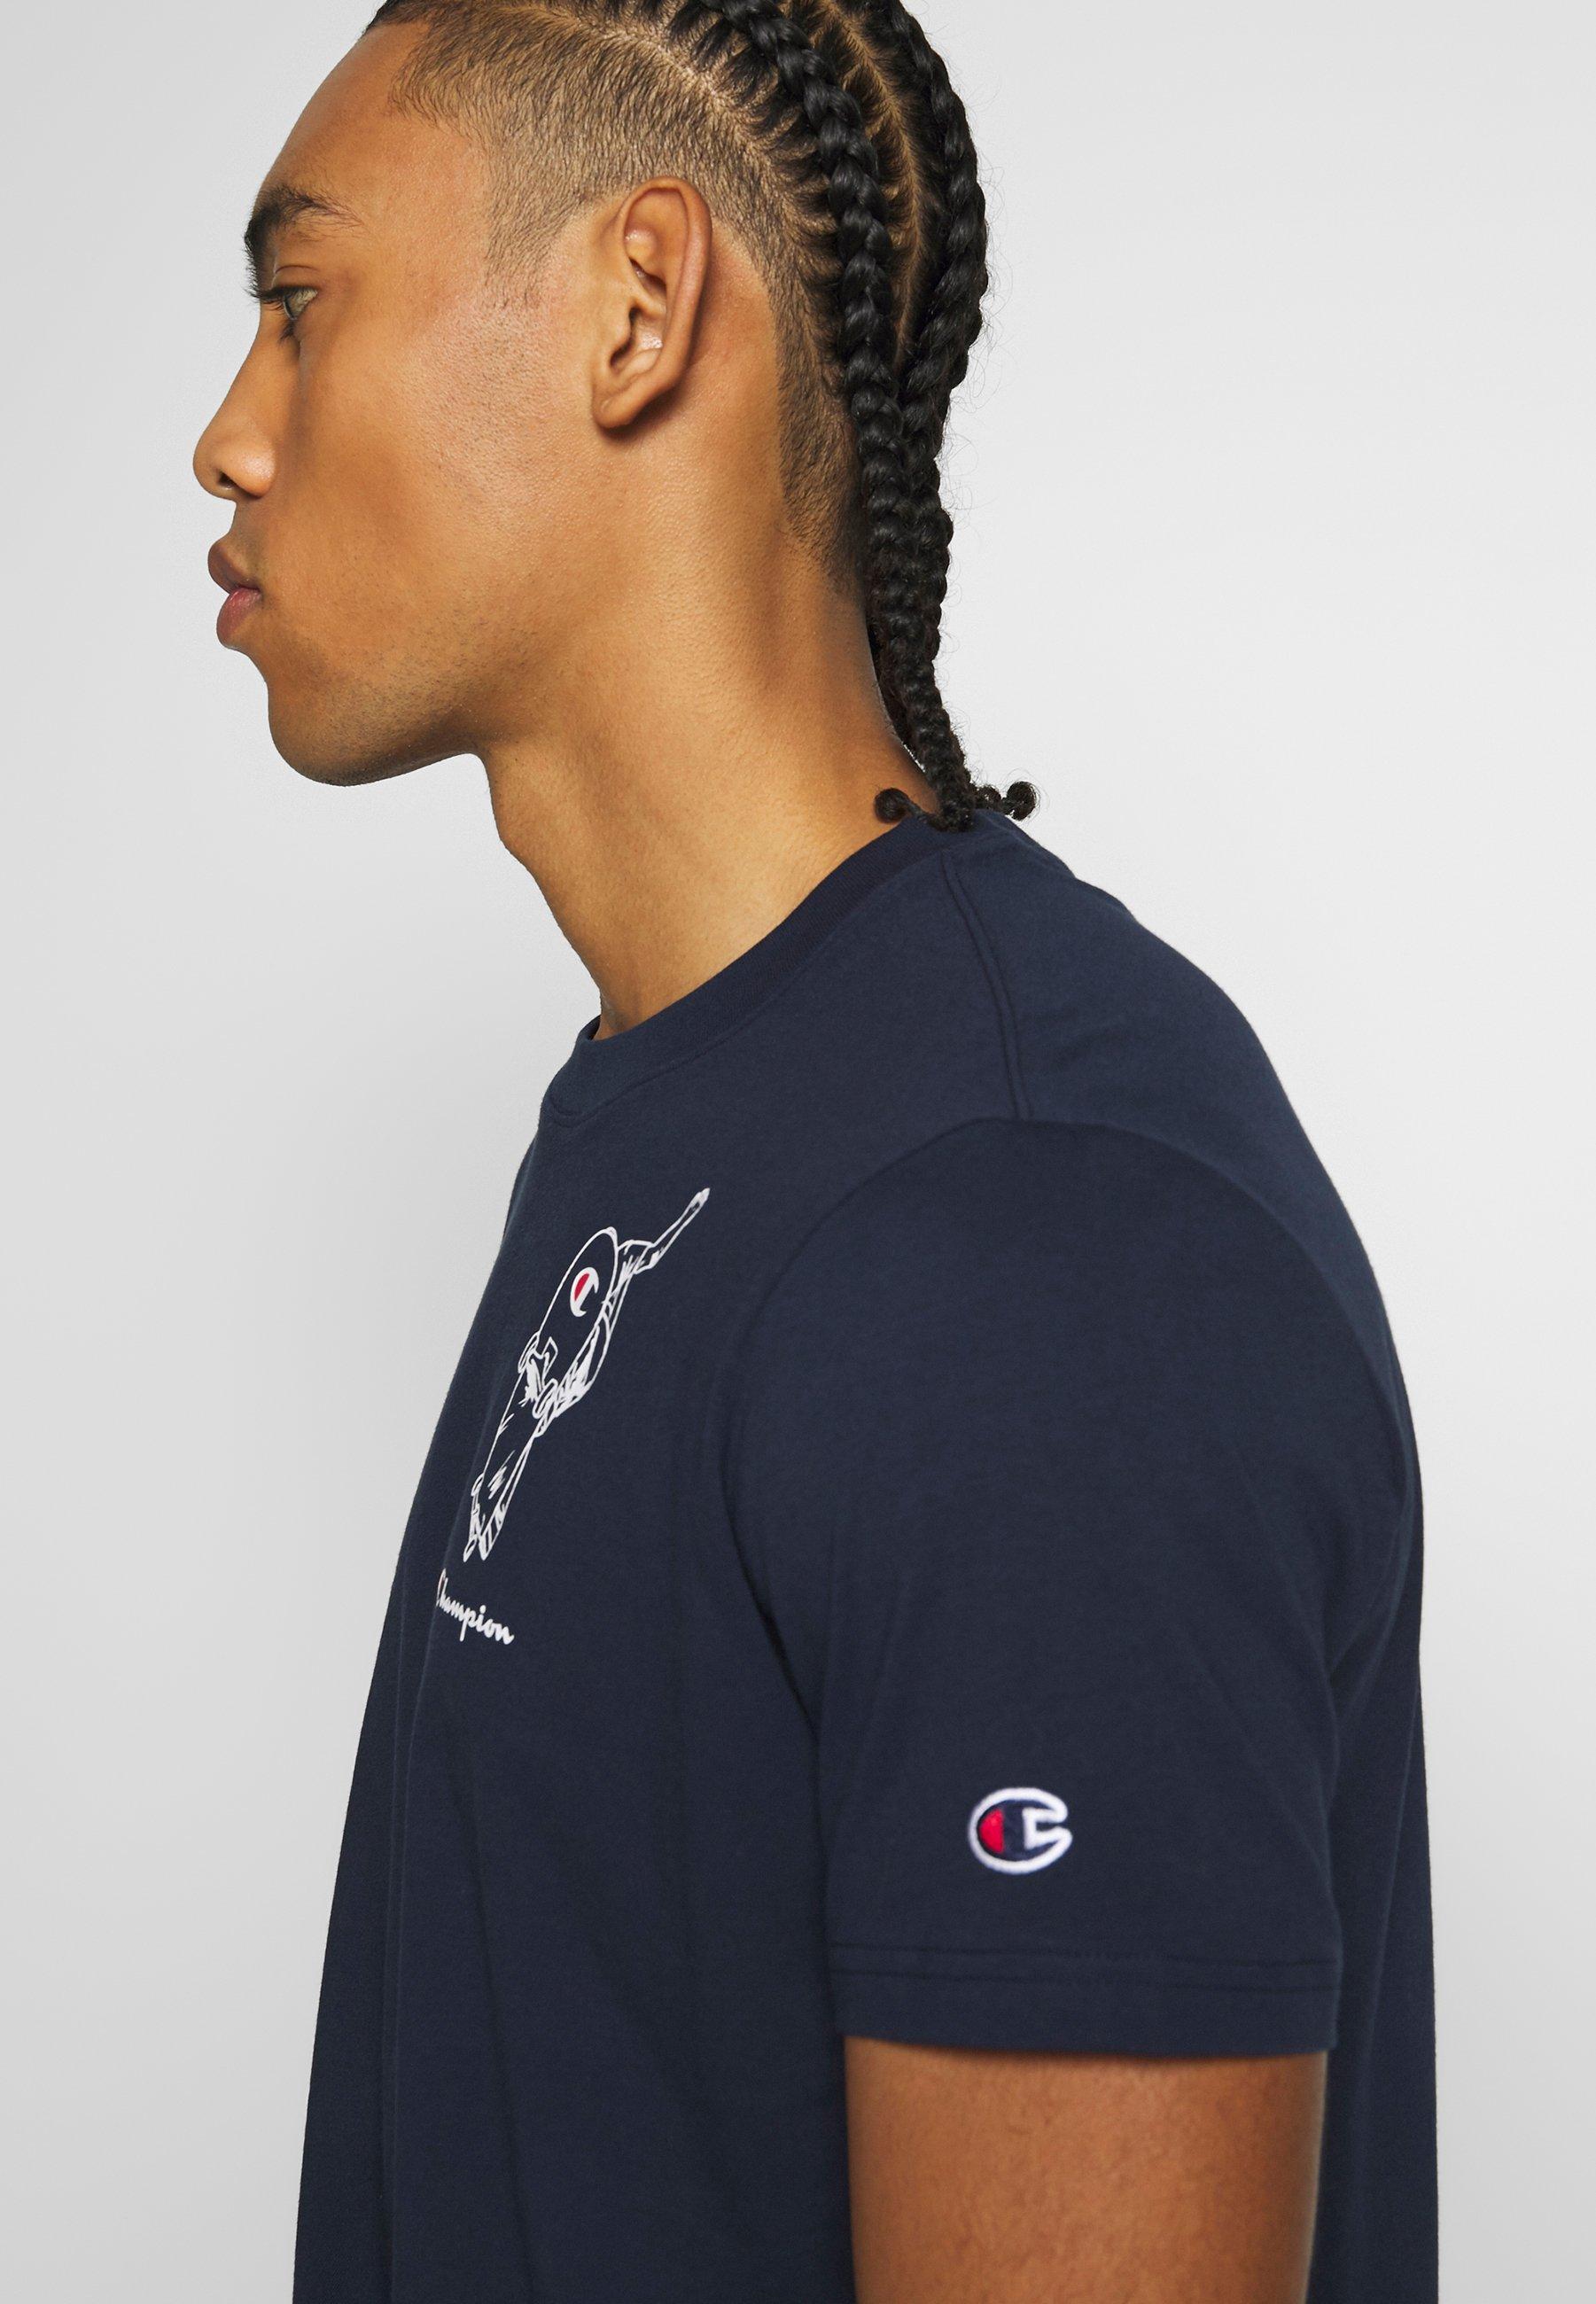 Champion Rochesters Graphic Crewneck - T-shirt Con Stampa Dark Blue 4OBWSfI